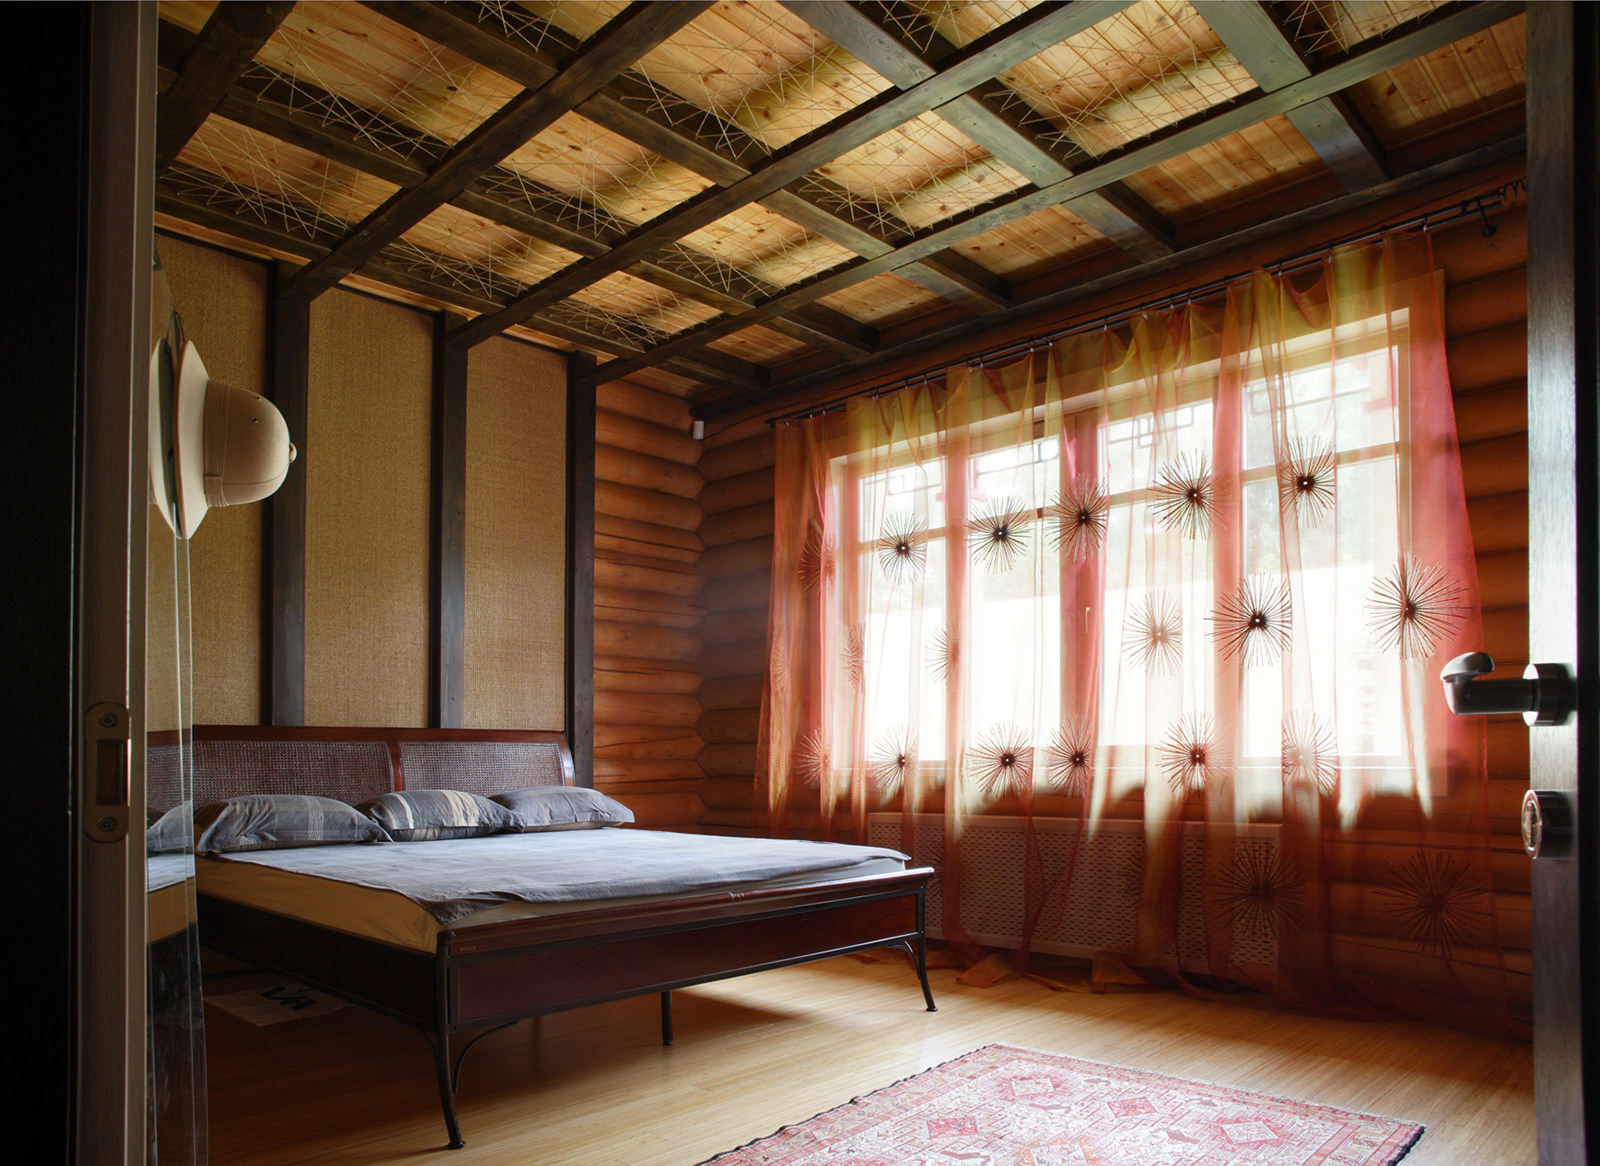 Деревянный потолок в деревянном доме своими руками фото